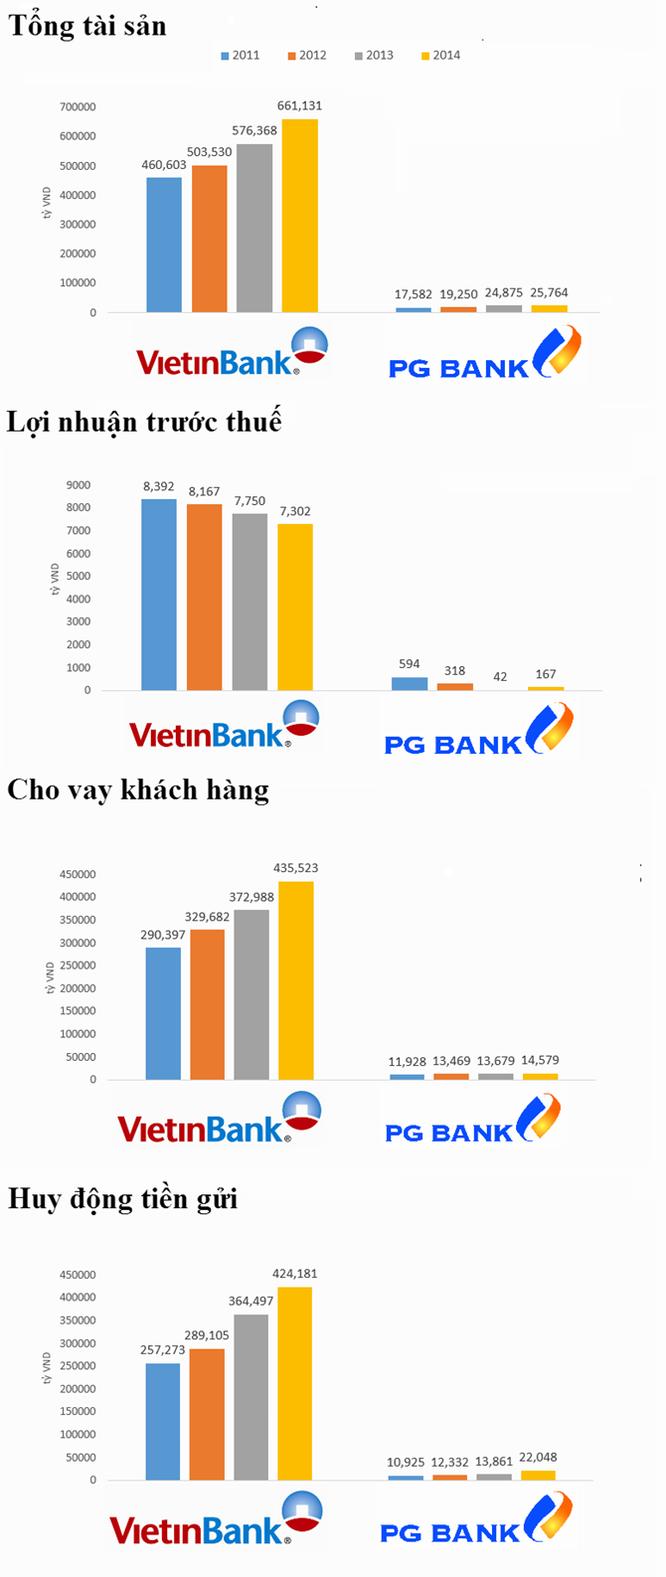 Sáp nhập PGBank, Vietinbank sẽ được và mất gì? ảnh 1